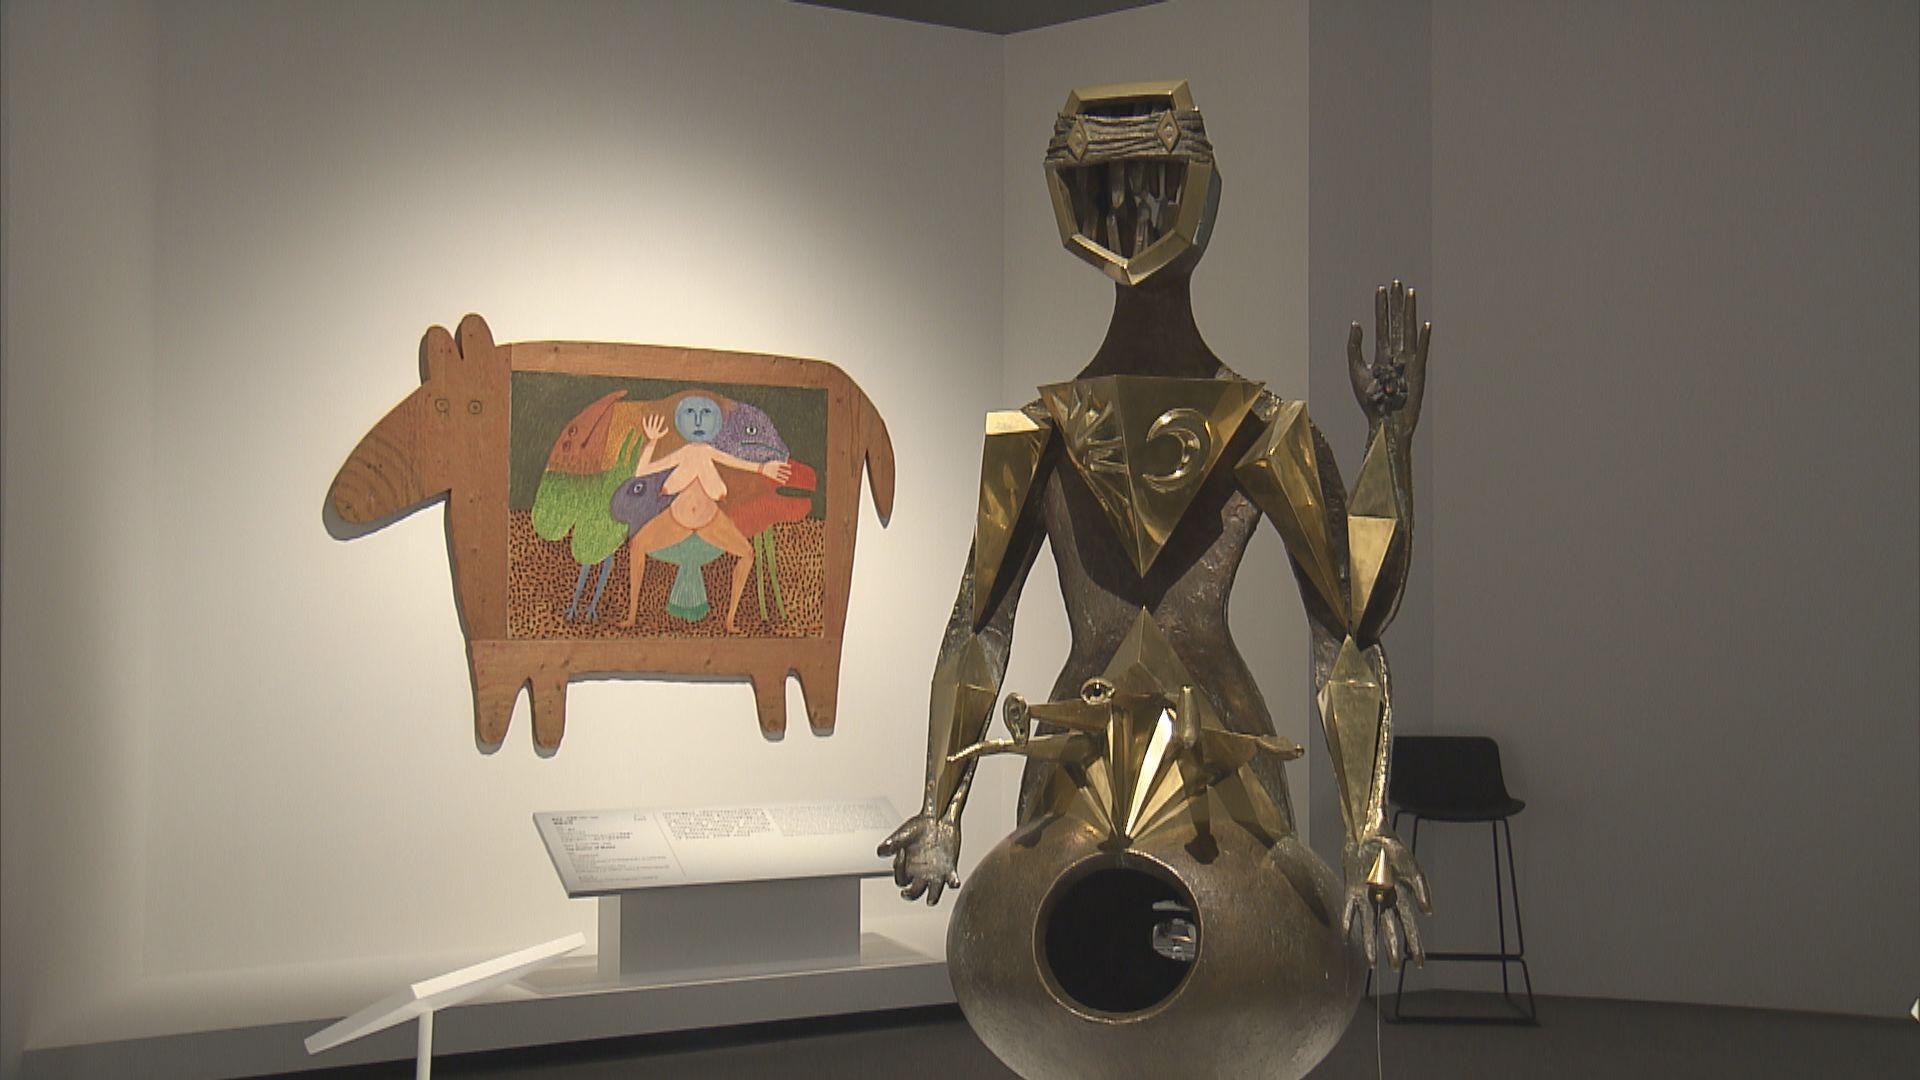 香港藝術館超現實主義展覽 冀讓市民疫下感受外國藝術